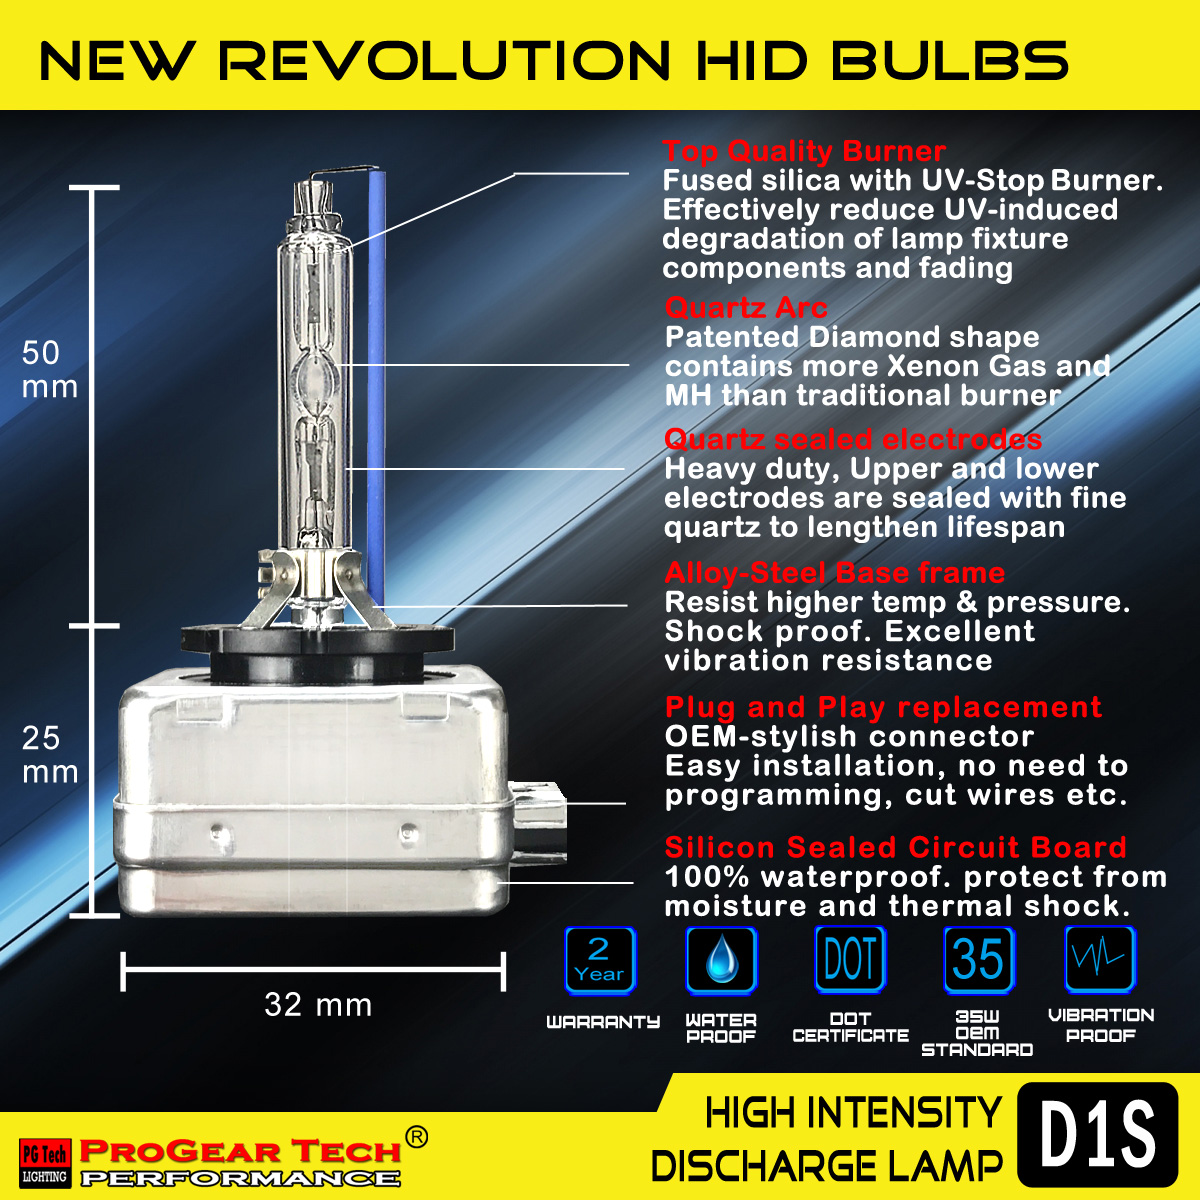 ProGear Tech Heavy Duty D1S HID bulbs detalis